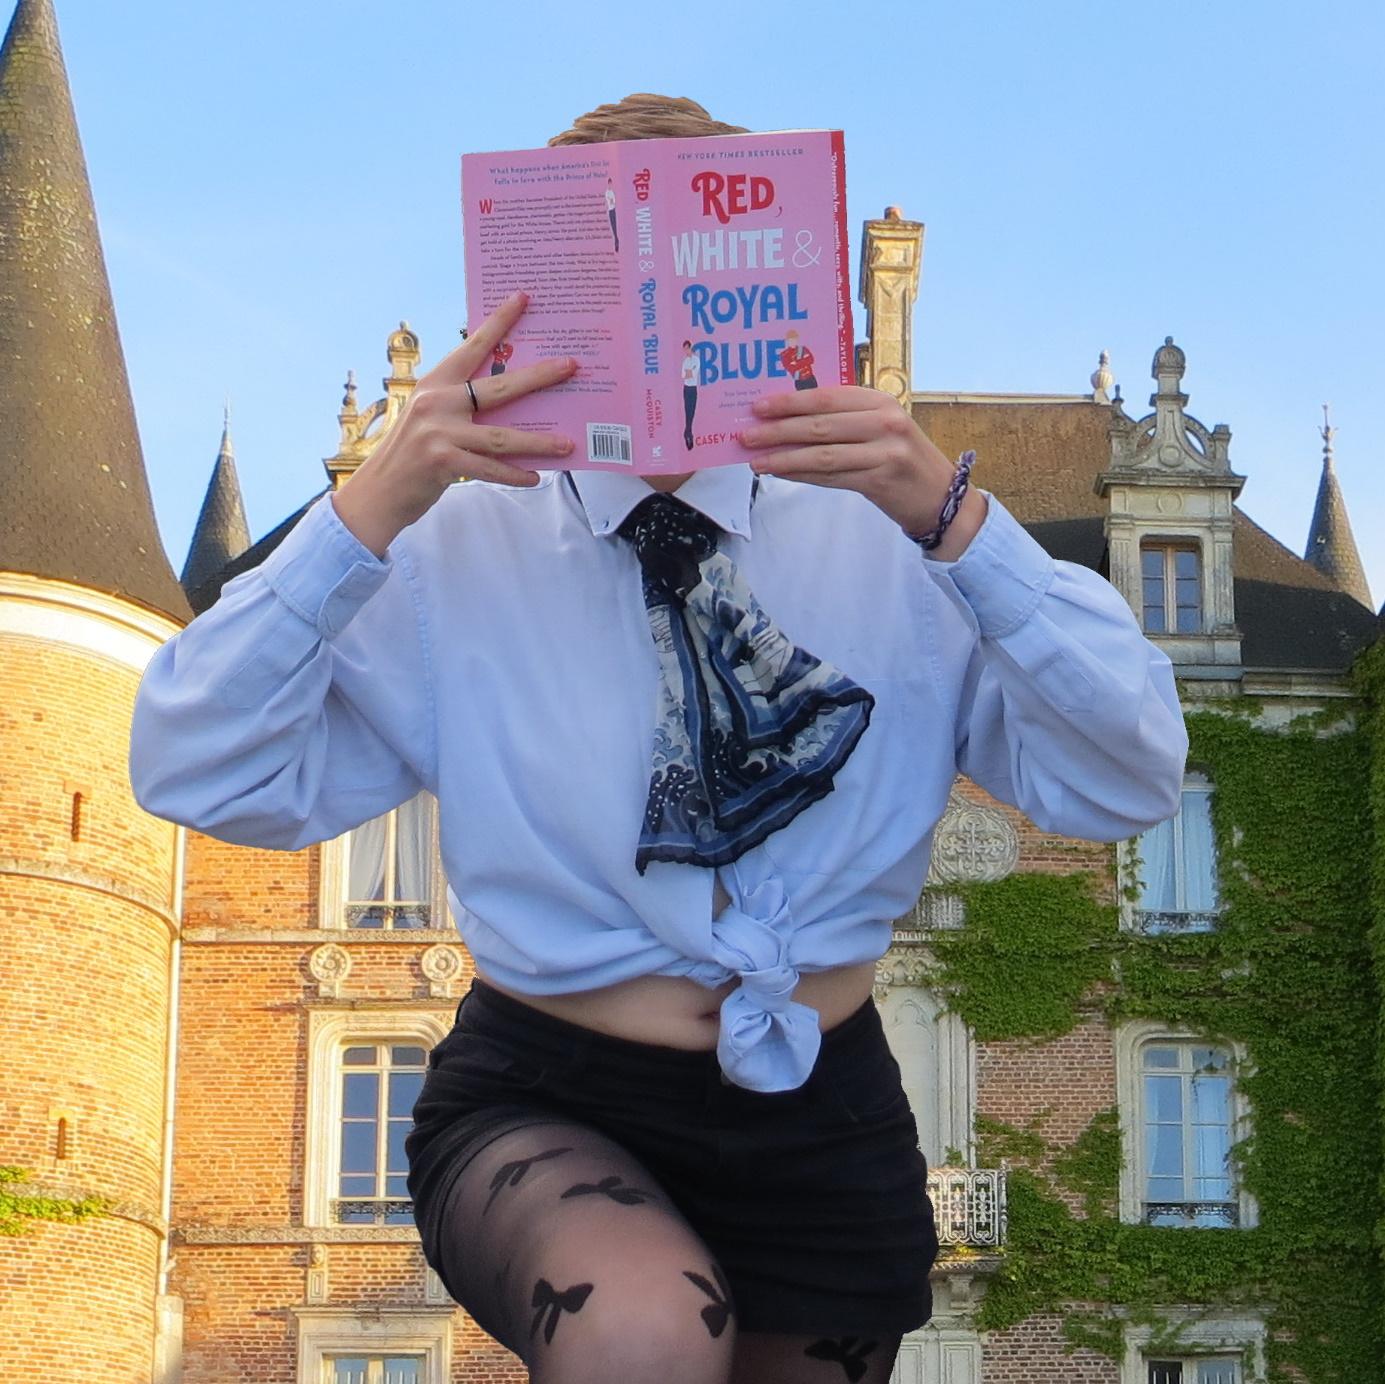 personne en chemise et collants à motifs lisant Red, White & Royal Blue devant un château